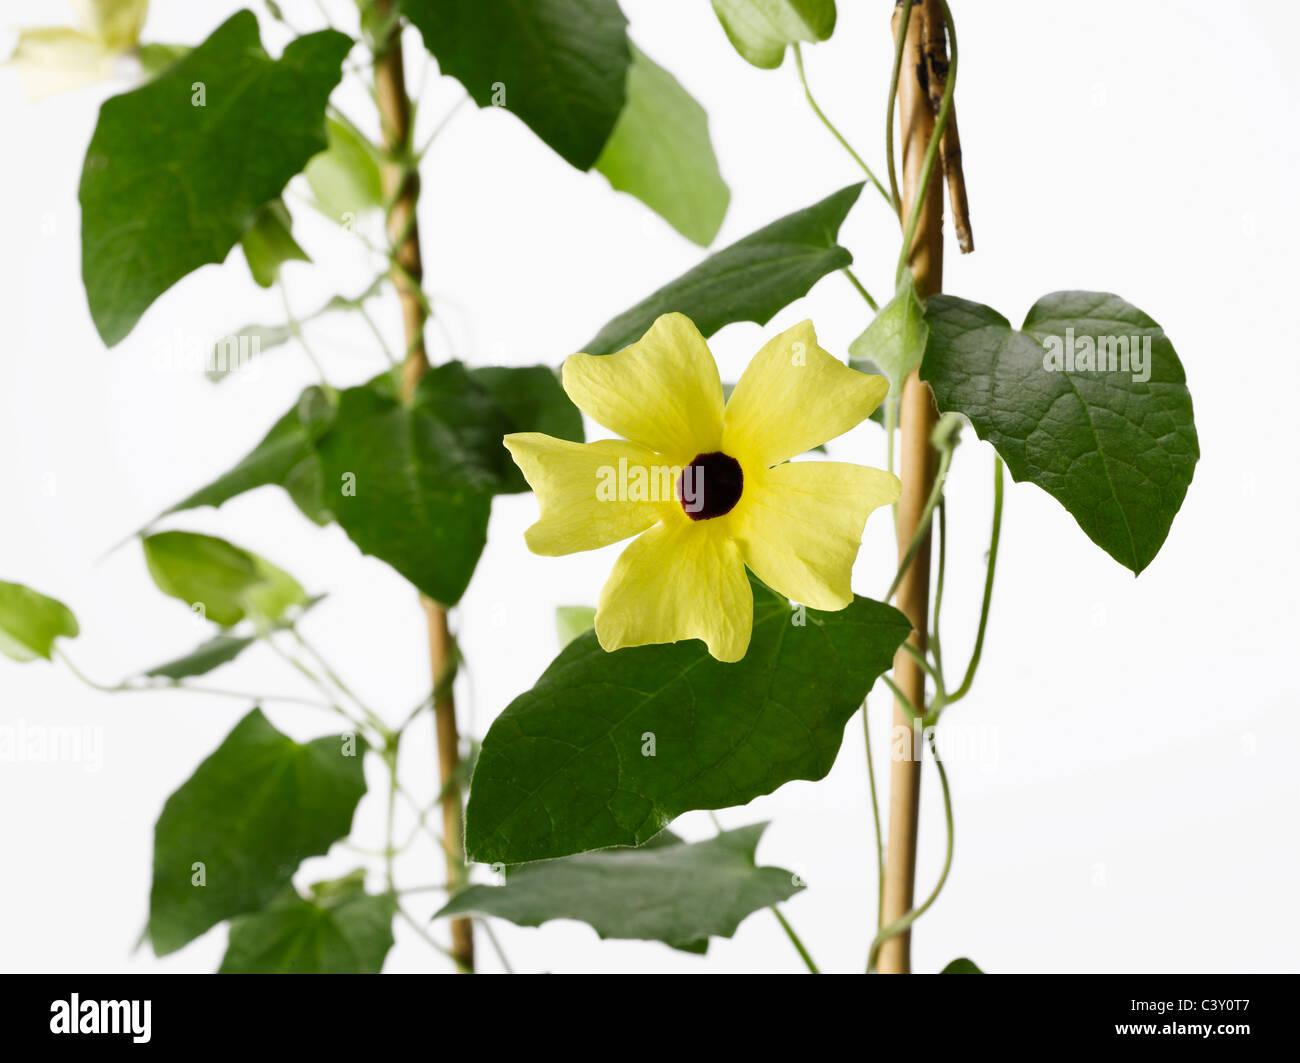 Flowering Thunbergia Black-Eyed Susan vine on trellis - Stock Image